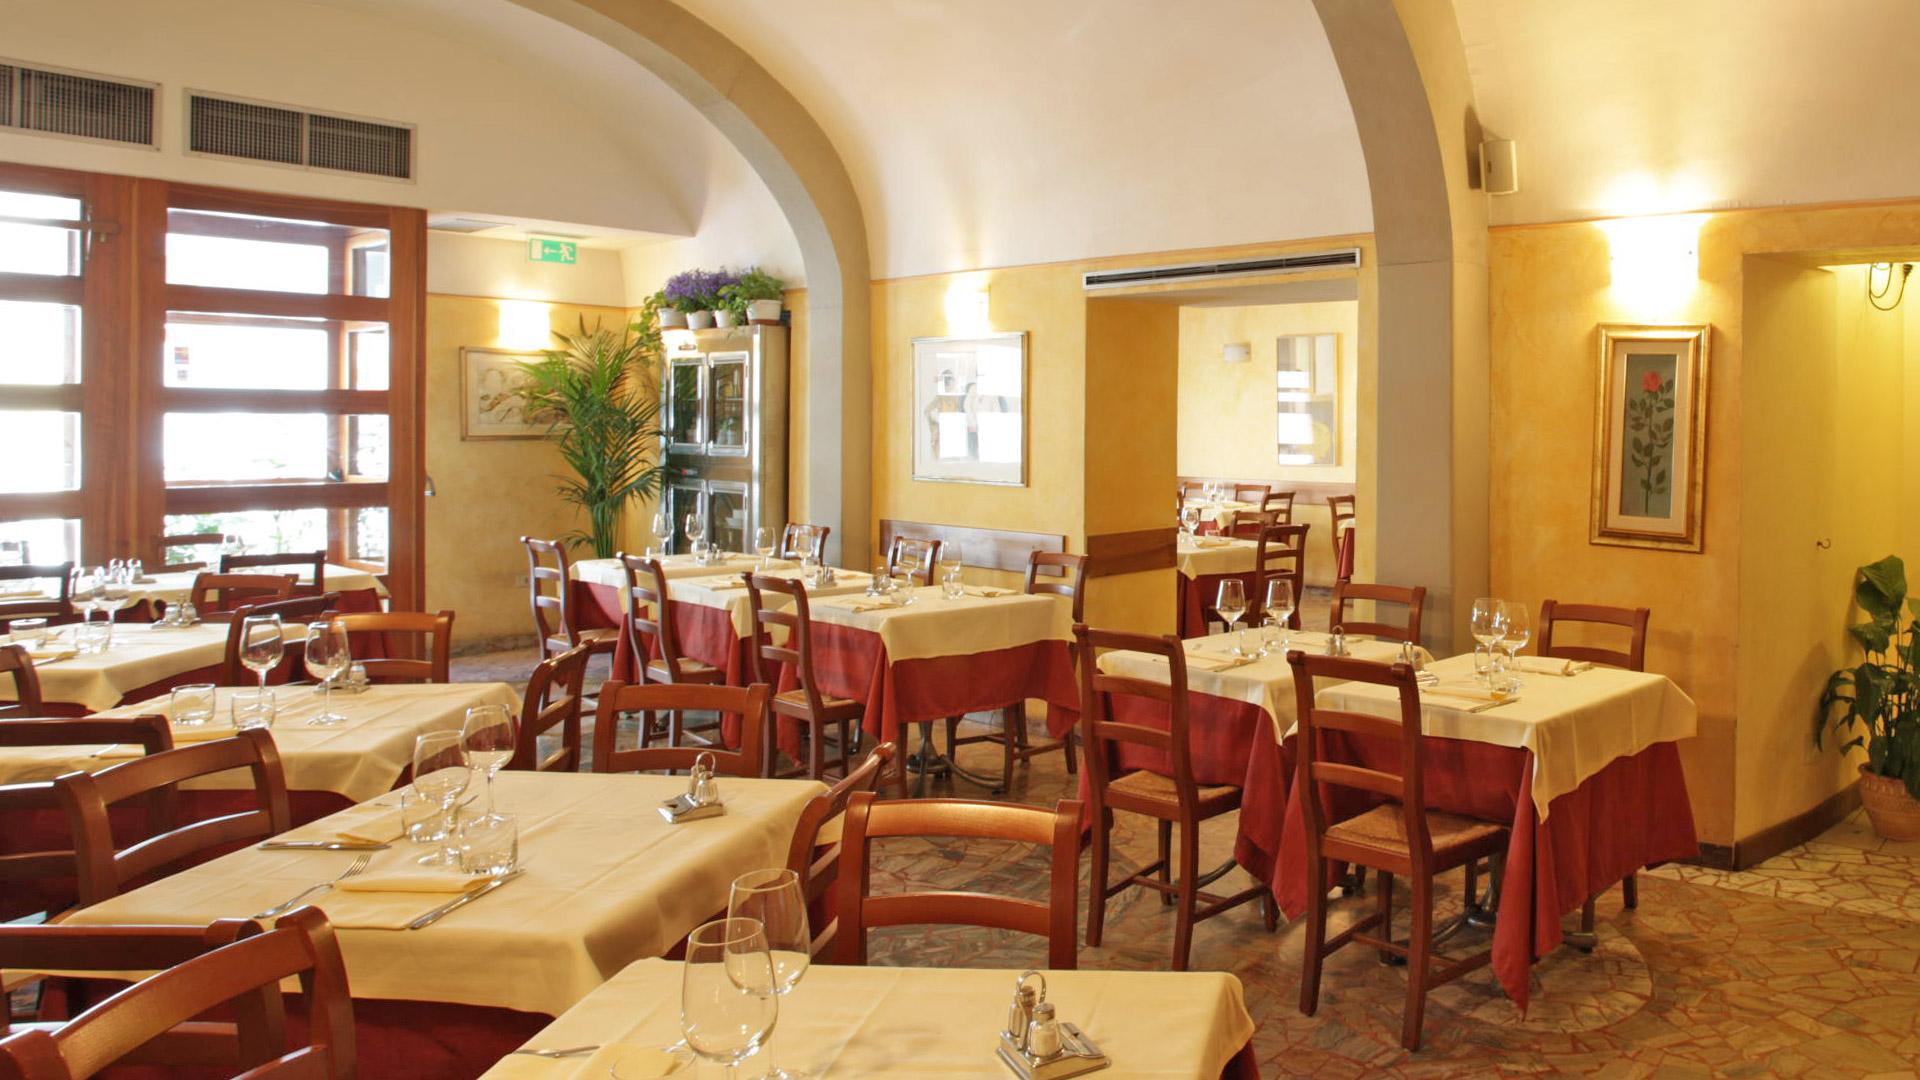 sala4-ristorante-giglio-rosso